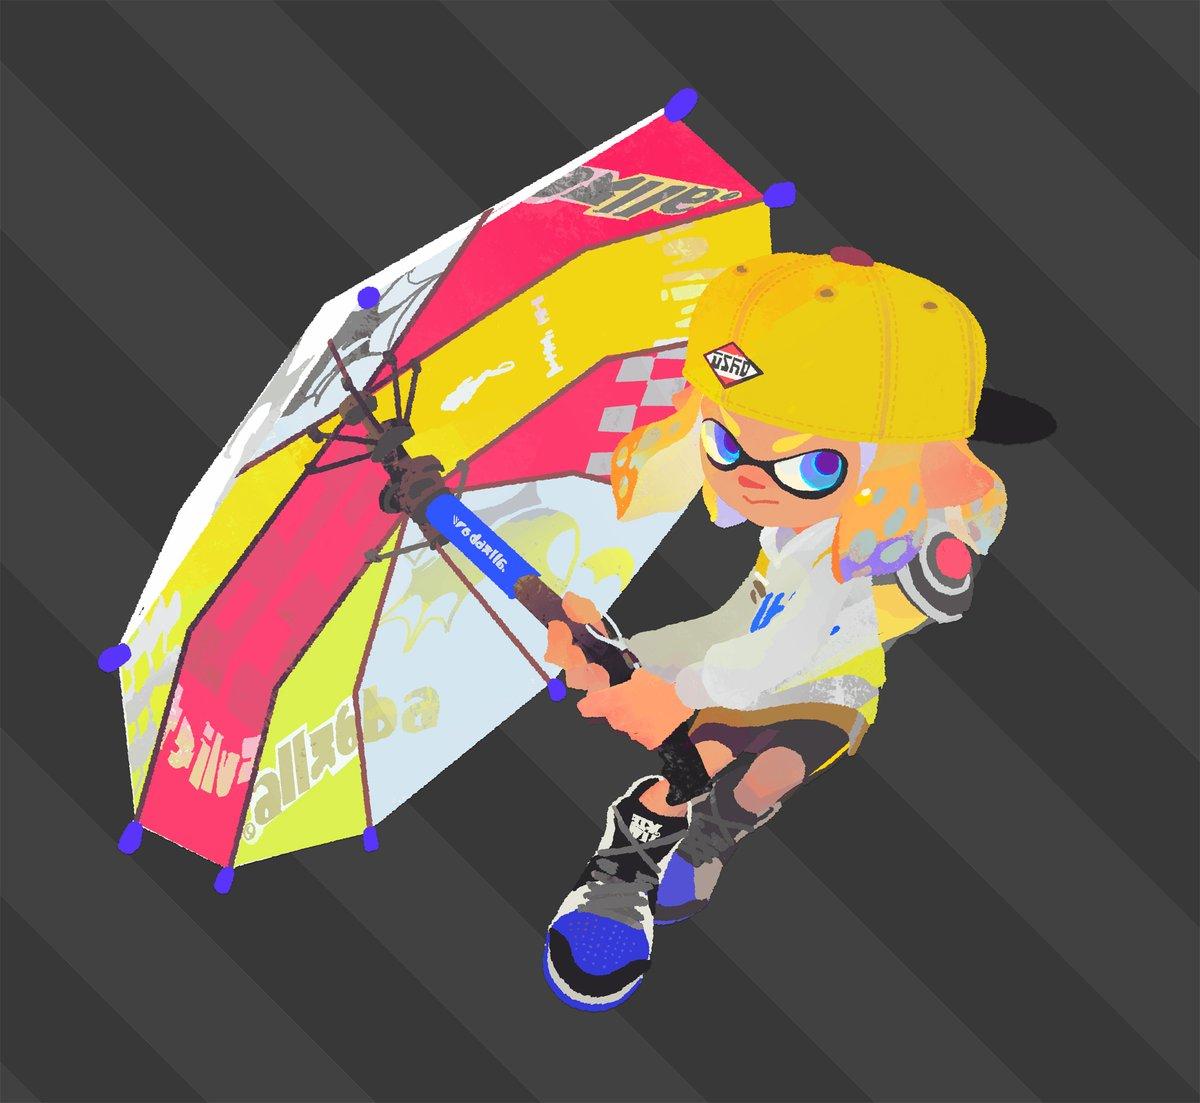 【スプラトゥーン2】傘失いたくないから全く発射しないんだけど、 どういう場面で使えばいいの?